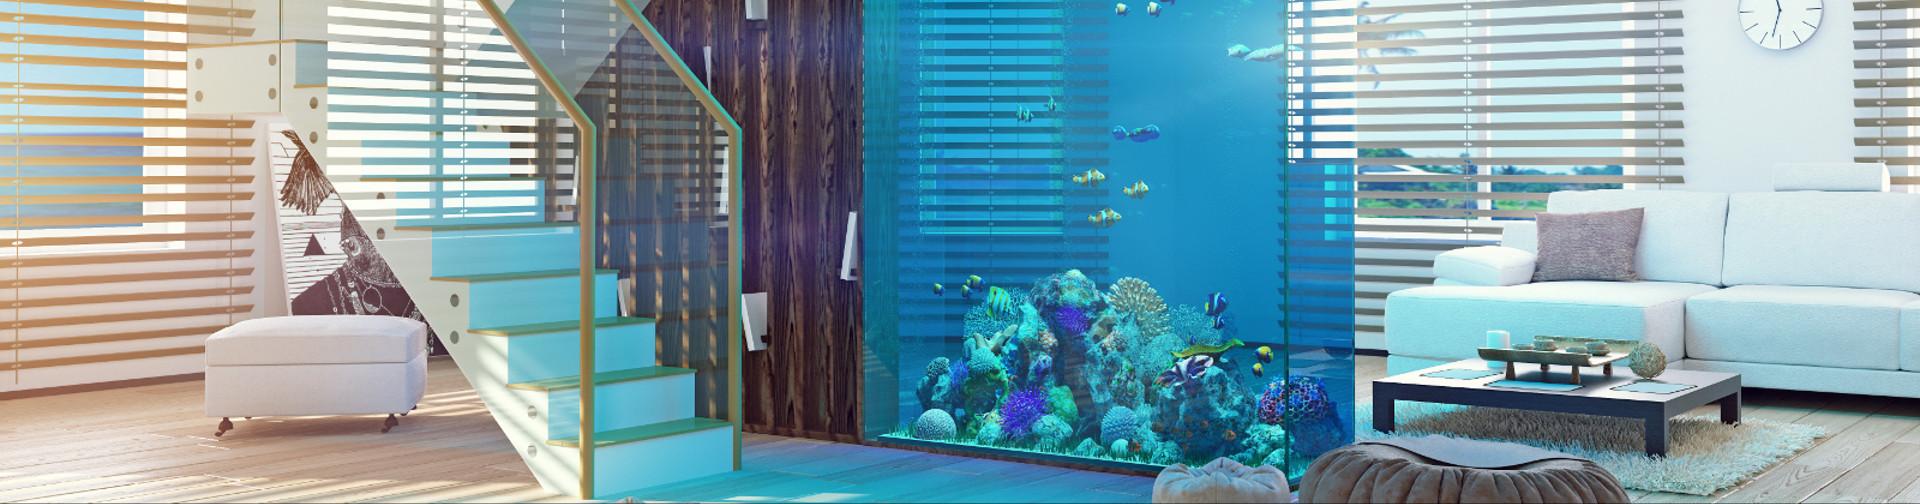 Akwarystyka morska szczecin 3